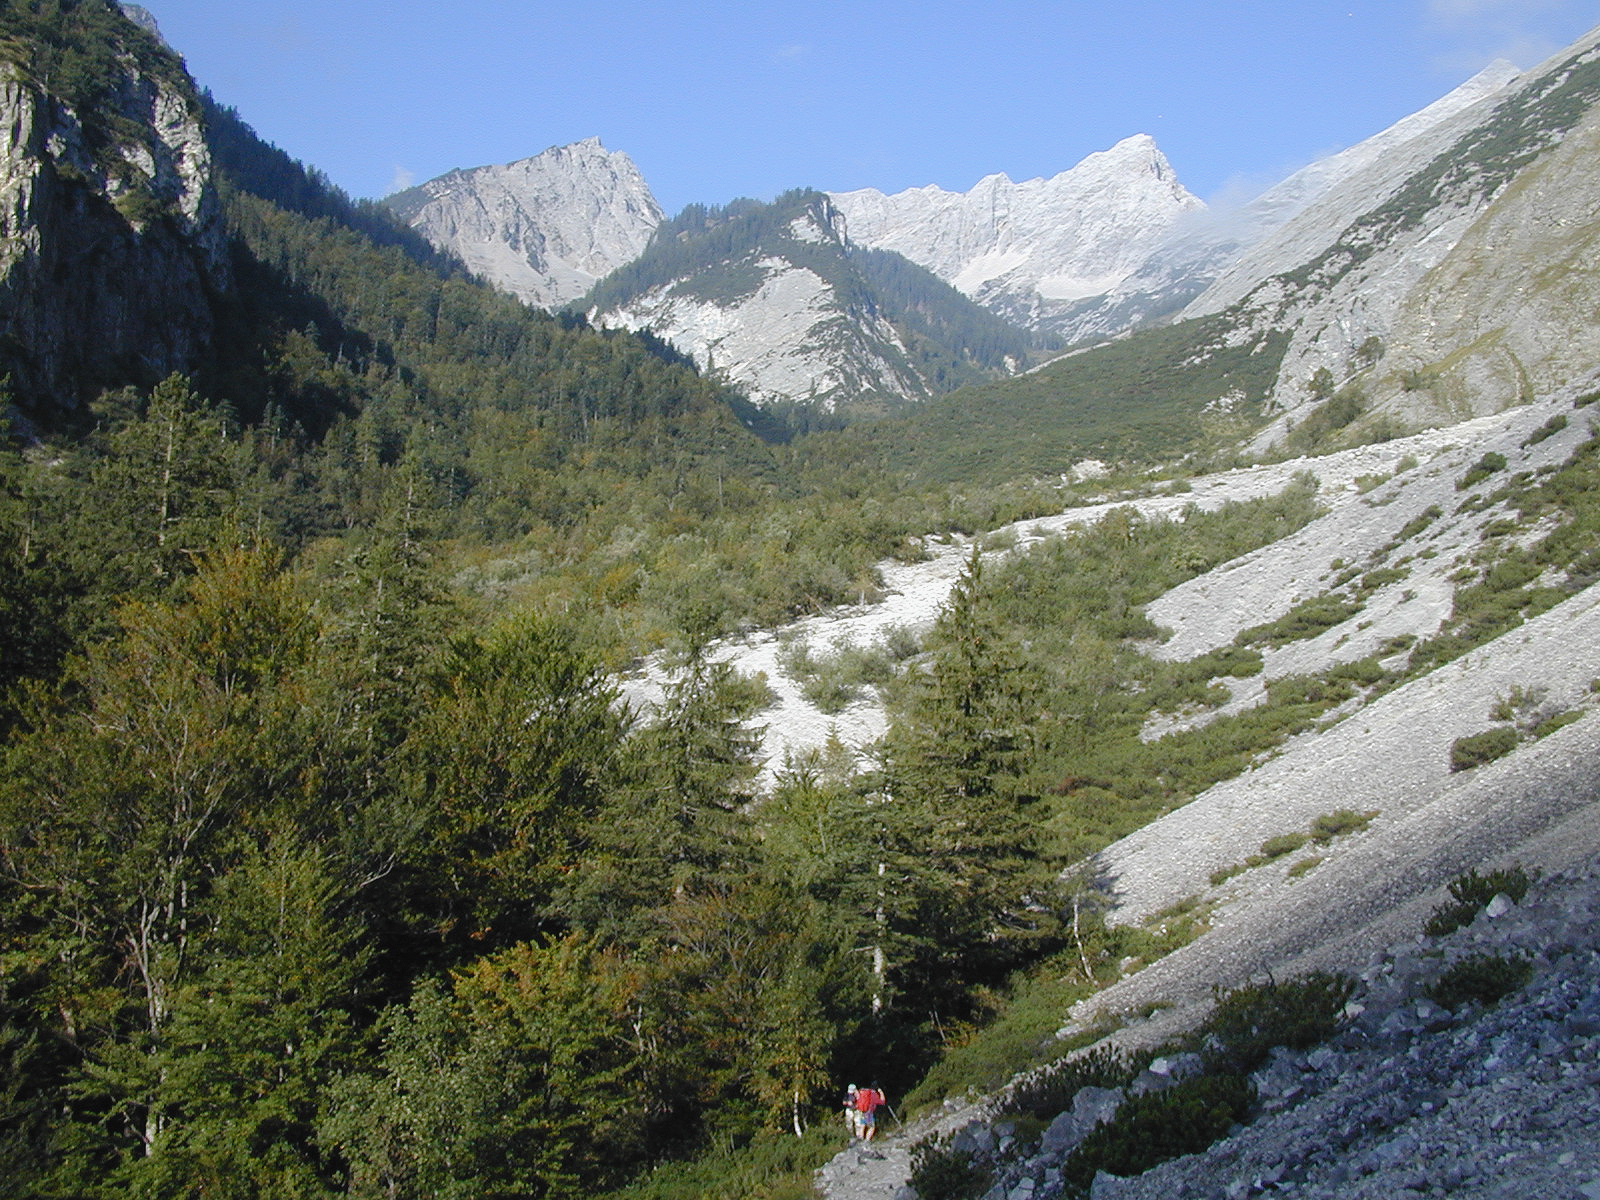 Das Tiroler Tor zum Karwendelgebirge ist das Halltal.